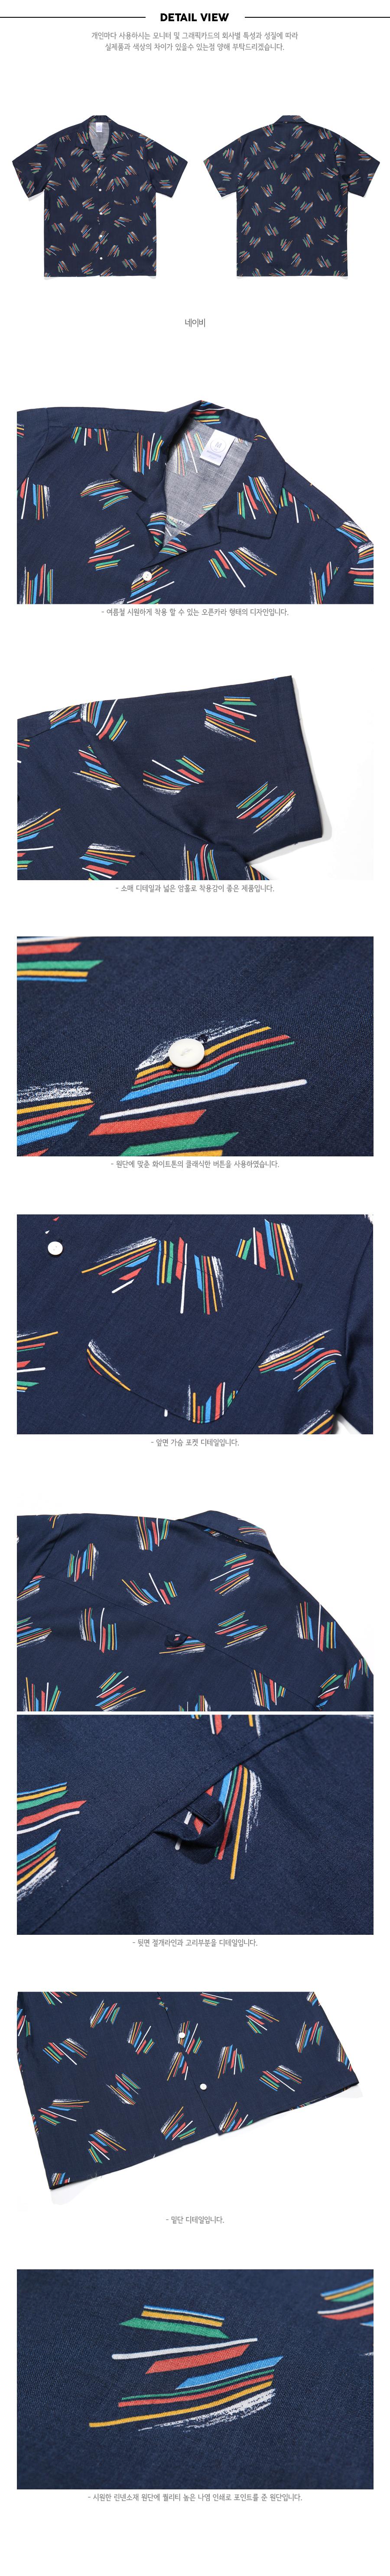 [제멋] 플레이 썸머 반팔셔츠 YHSS2205